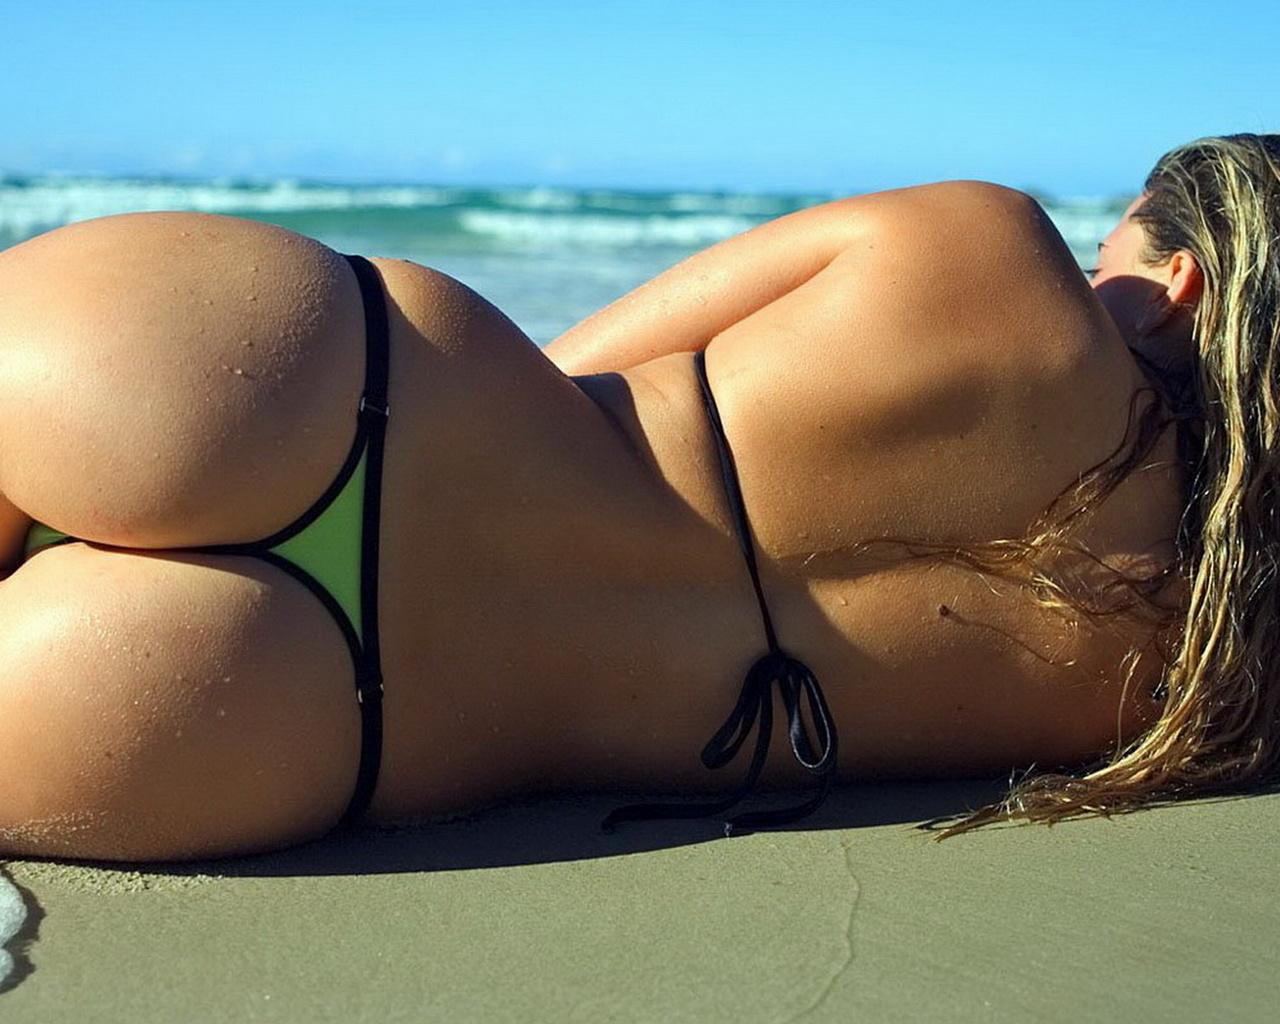 картинки девушек в стрингах на море лежали